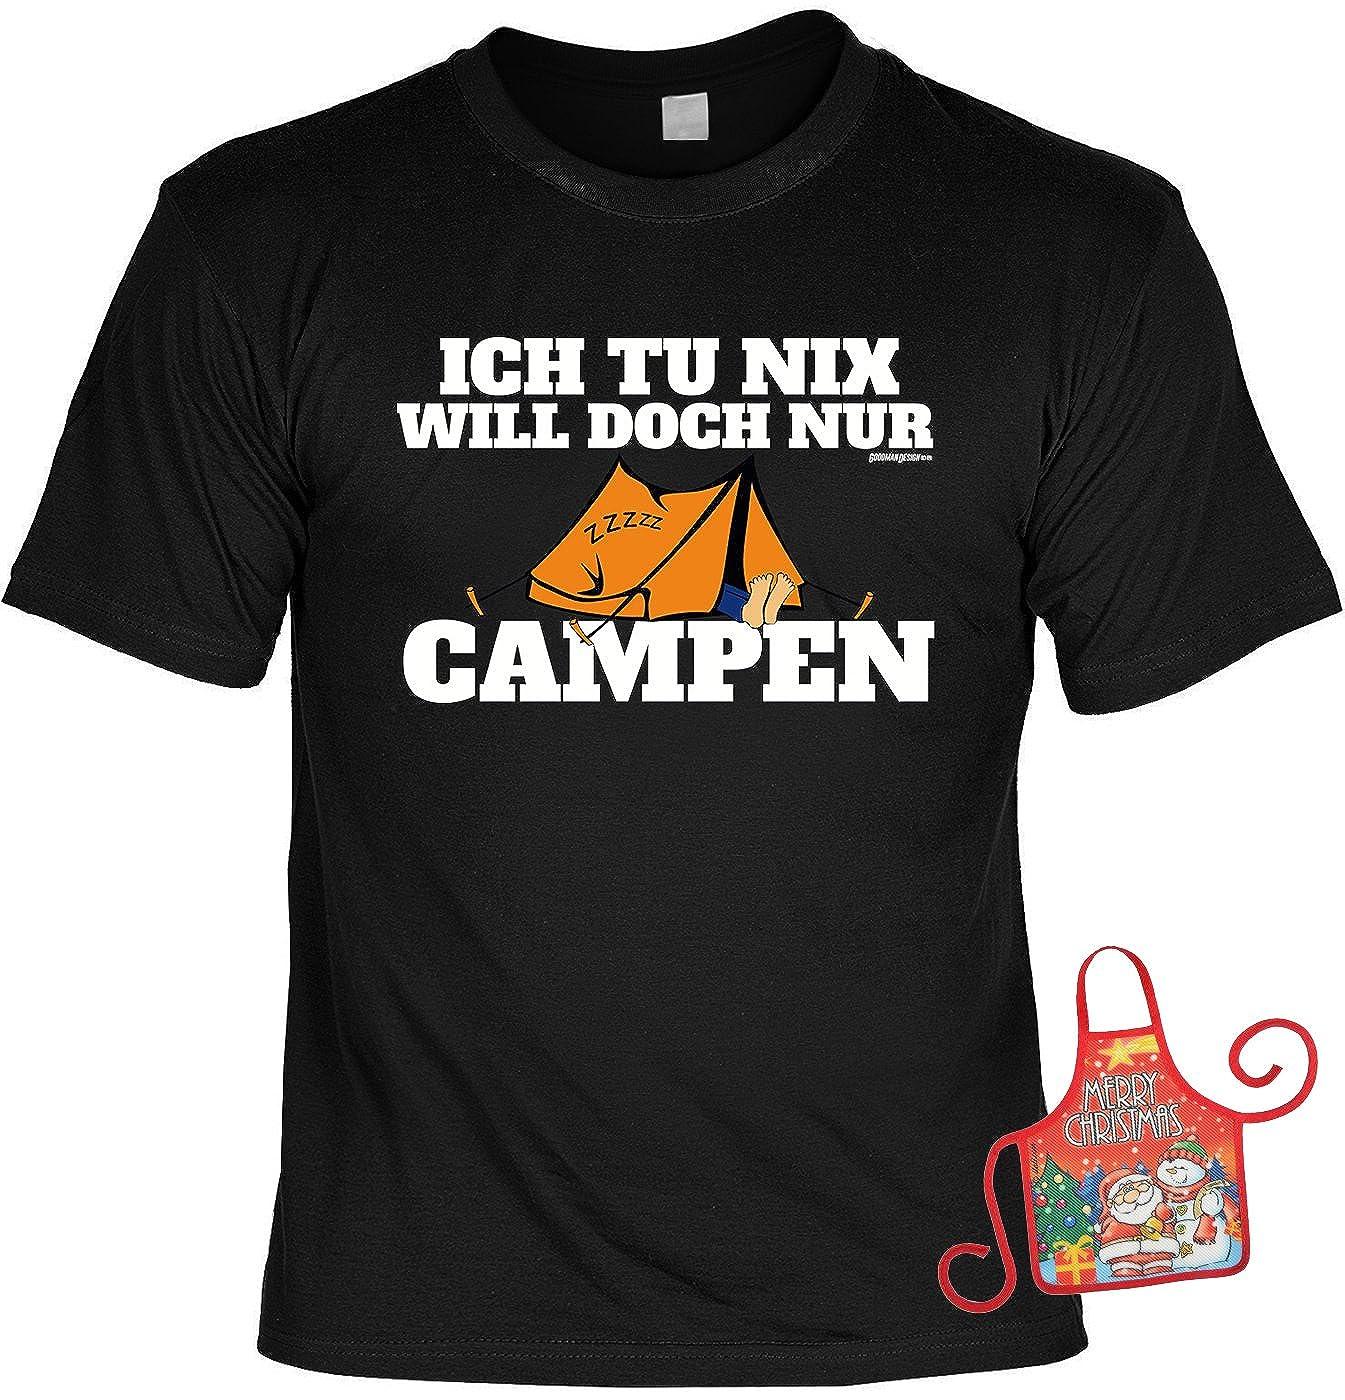 d72f290495206 lustiges Sprüche T-Shirt Campershirt Camper Weihnachts-Geschenk-Set  Minischürze   Ich tu nix Will doch nur ...